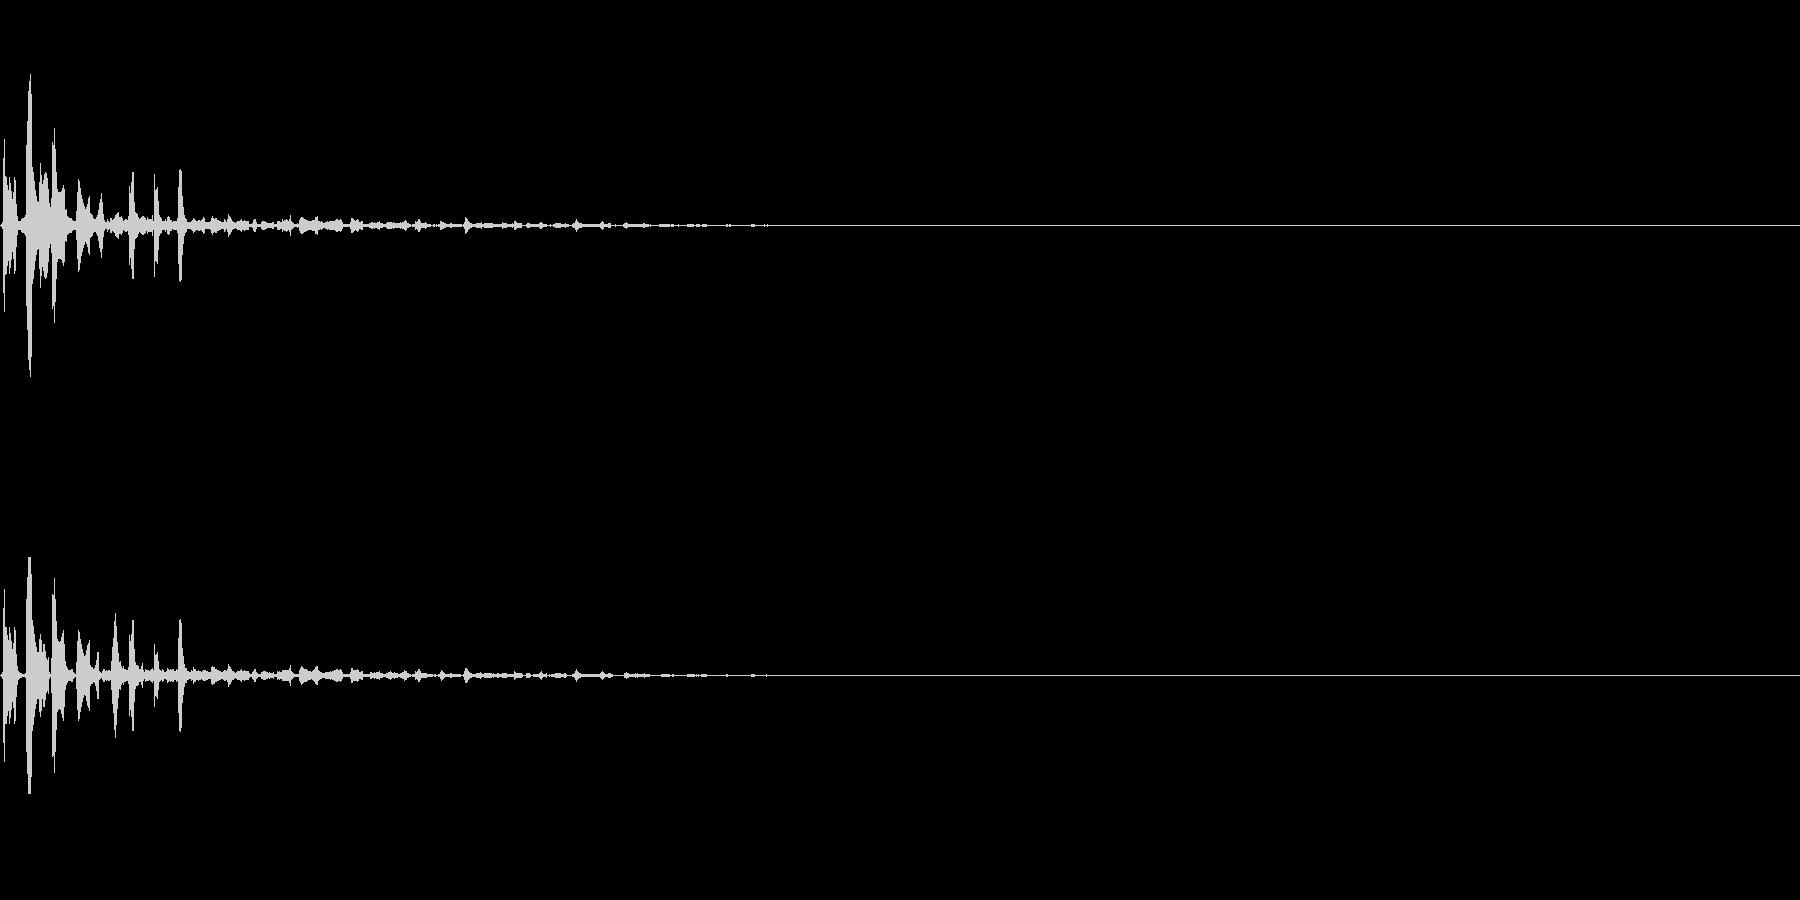 スライムが飛び出る ピュル 水鉄砲 ピュの未再生の波形